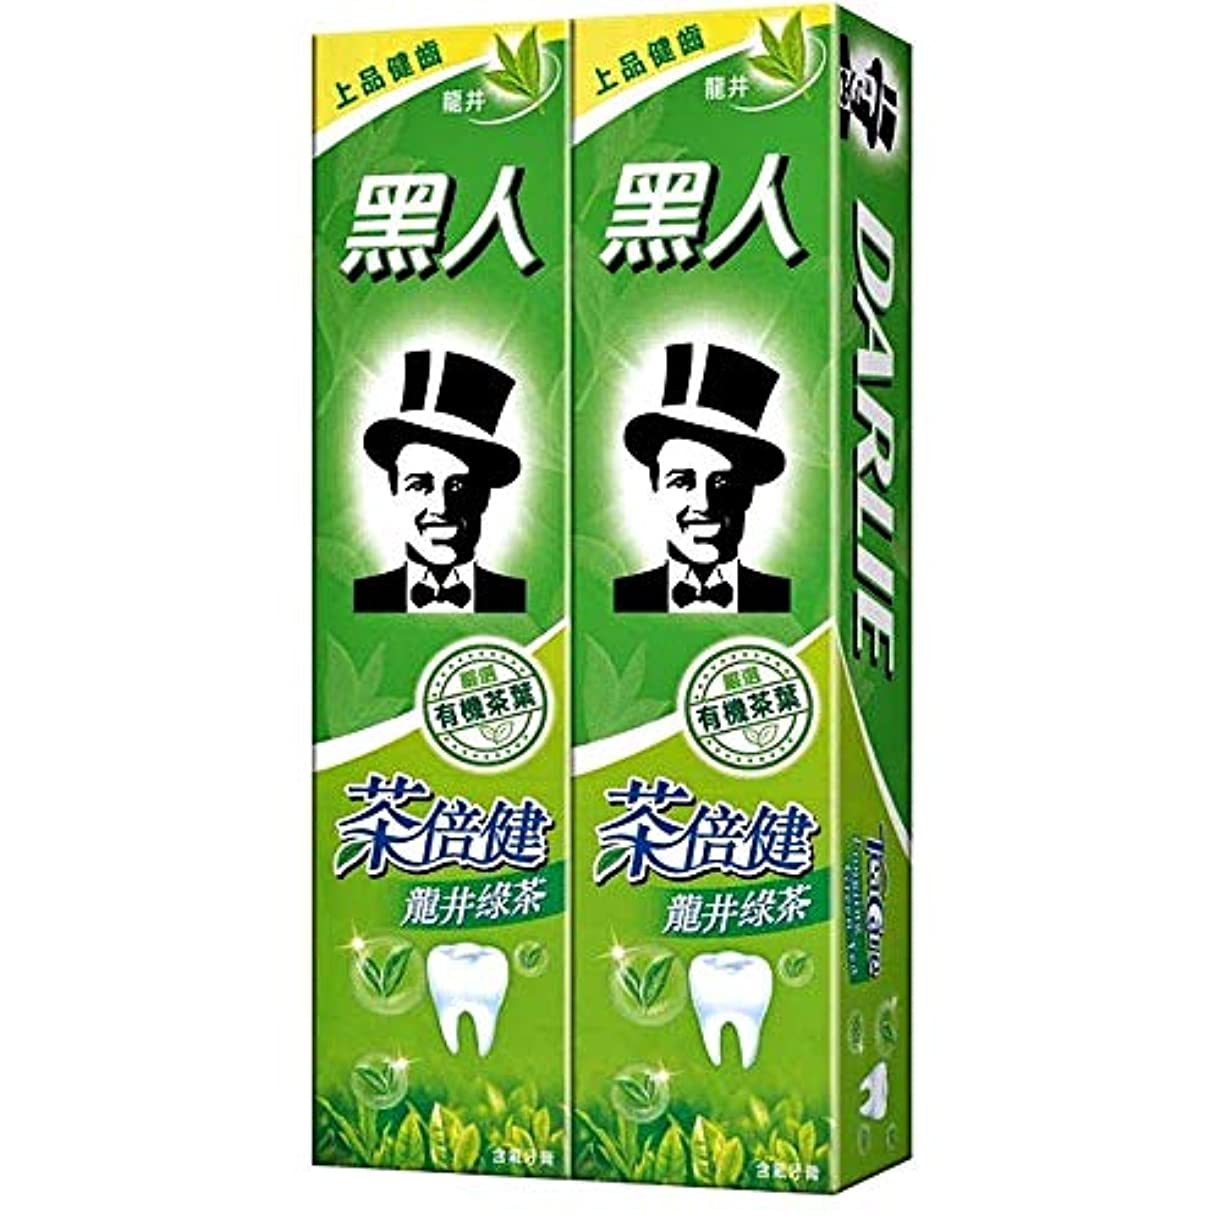 ぼかす予見する入場黑人 茶倍健 龍井緑茶 緑茶成分歯磨き粉配合160g×2 [並行輸入品]